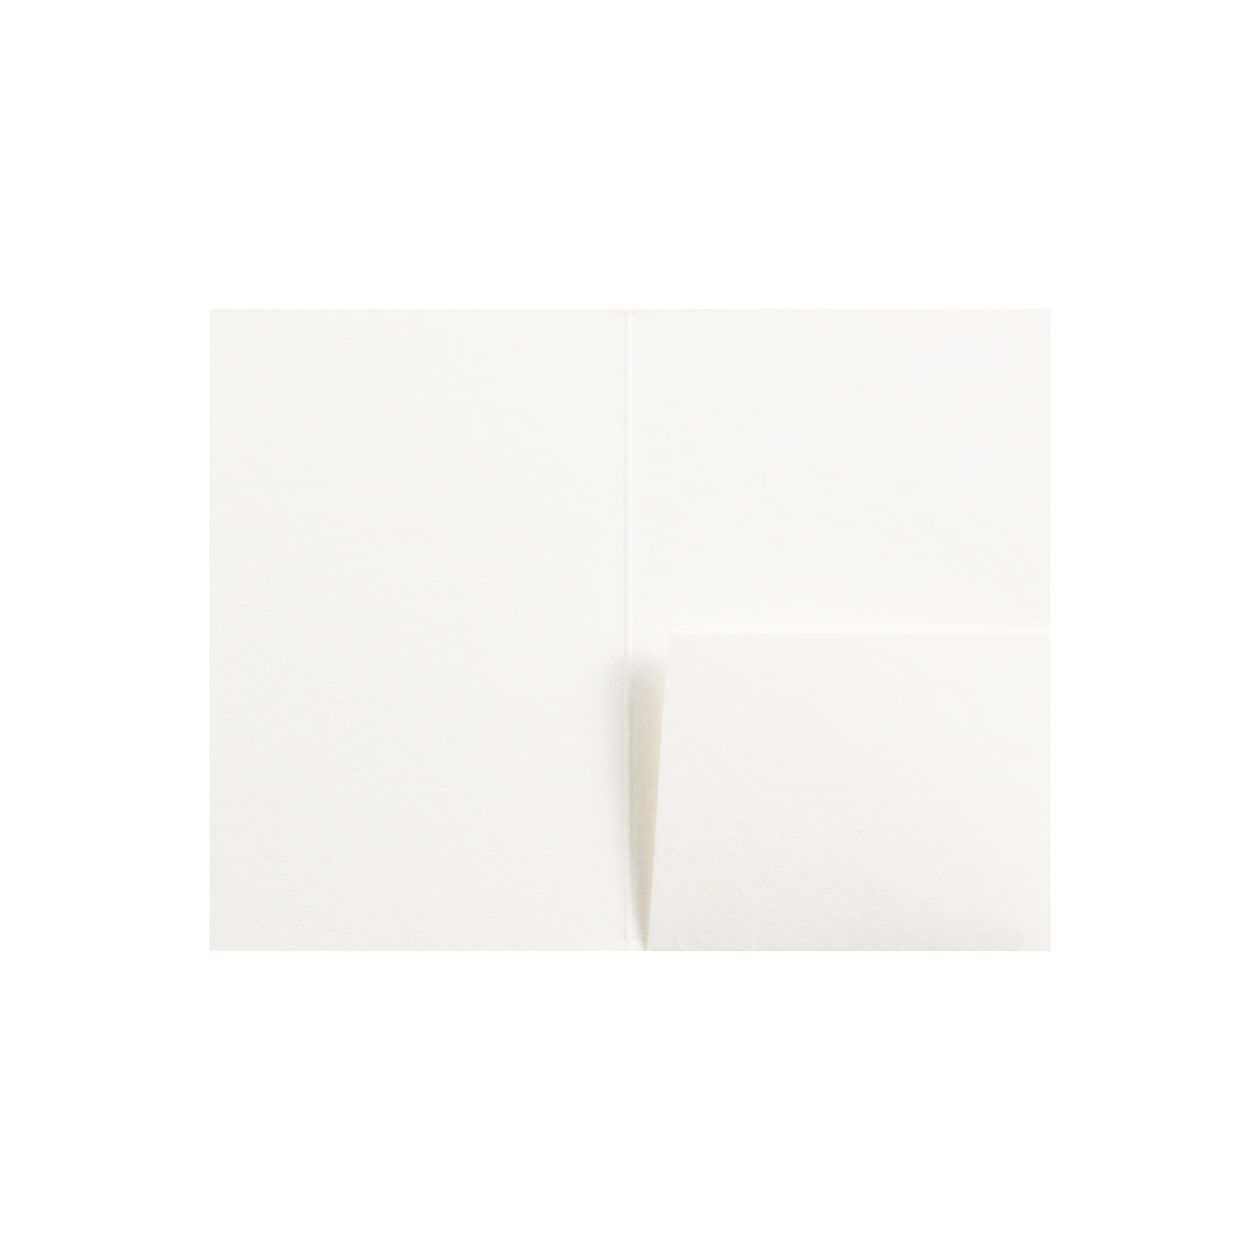 カードフォルダー 1ポケット HAGURUMA Basic プレインホワイト 260g